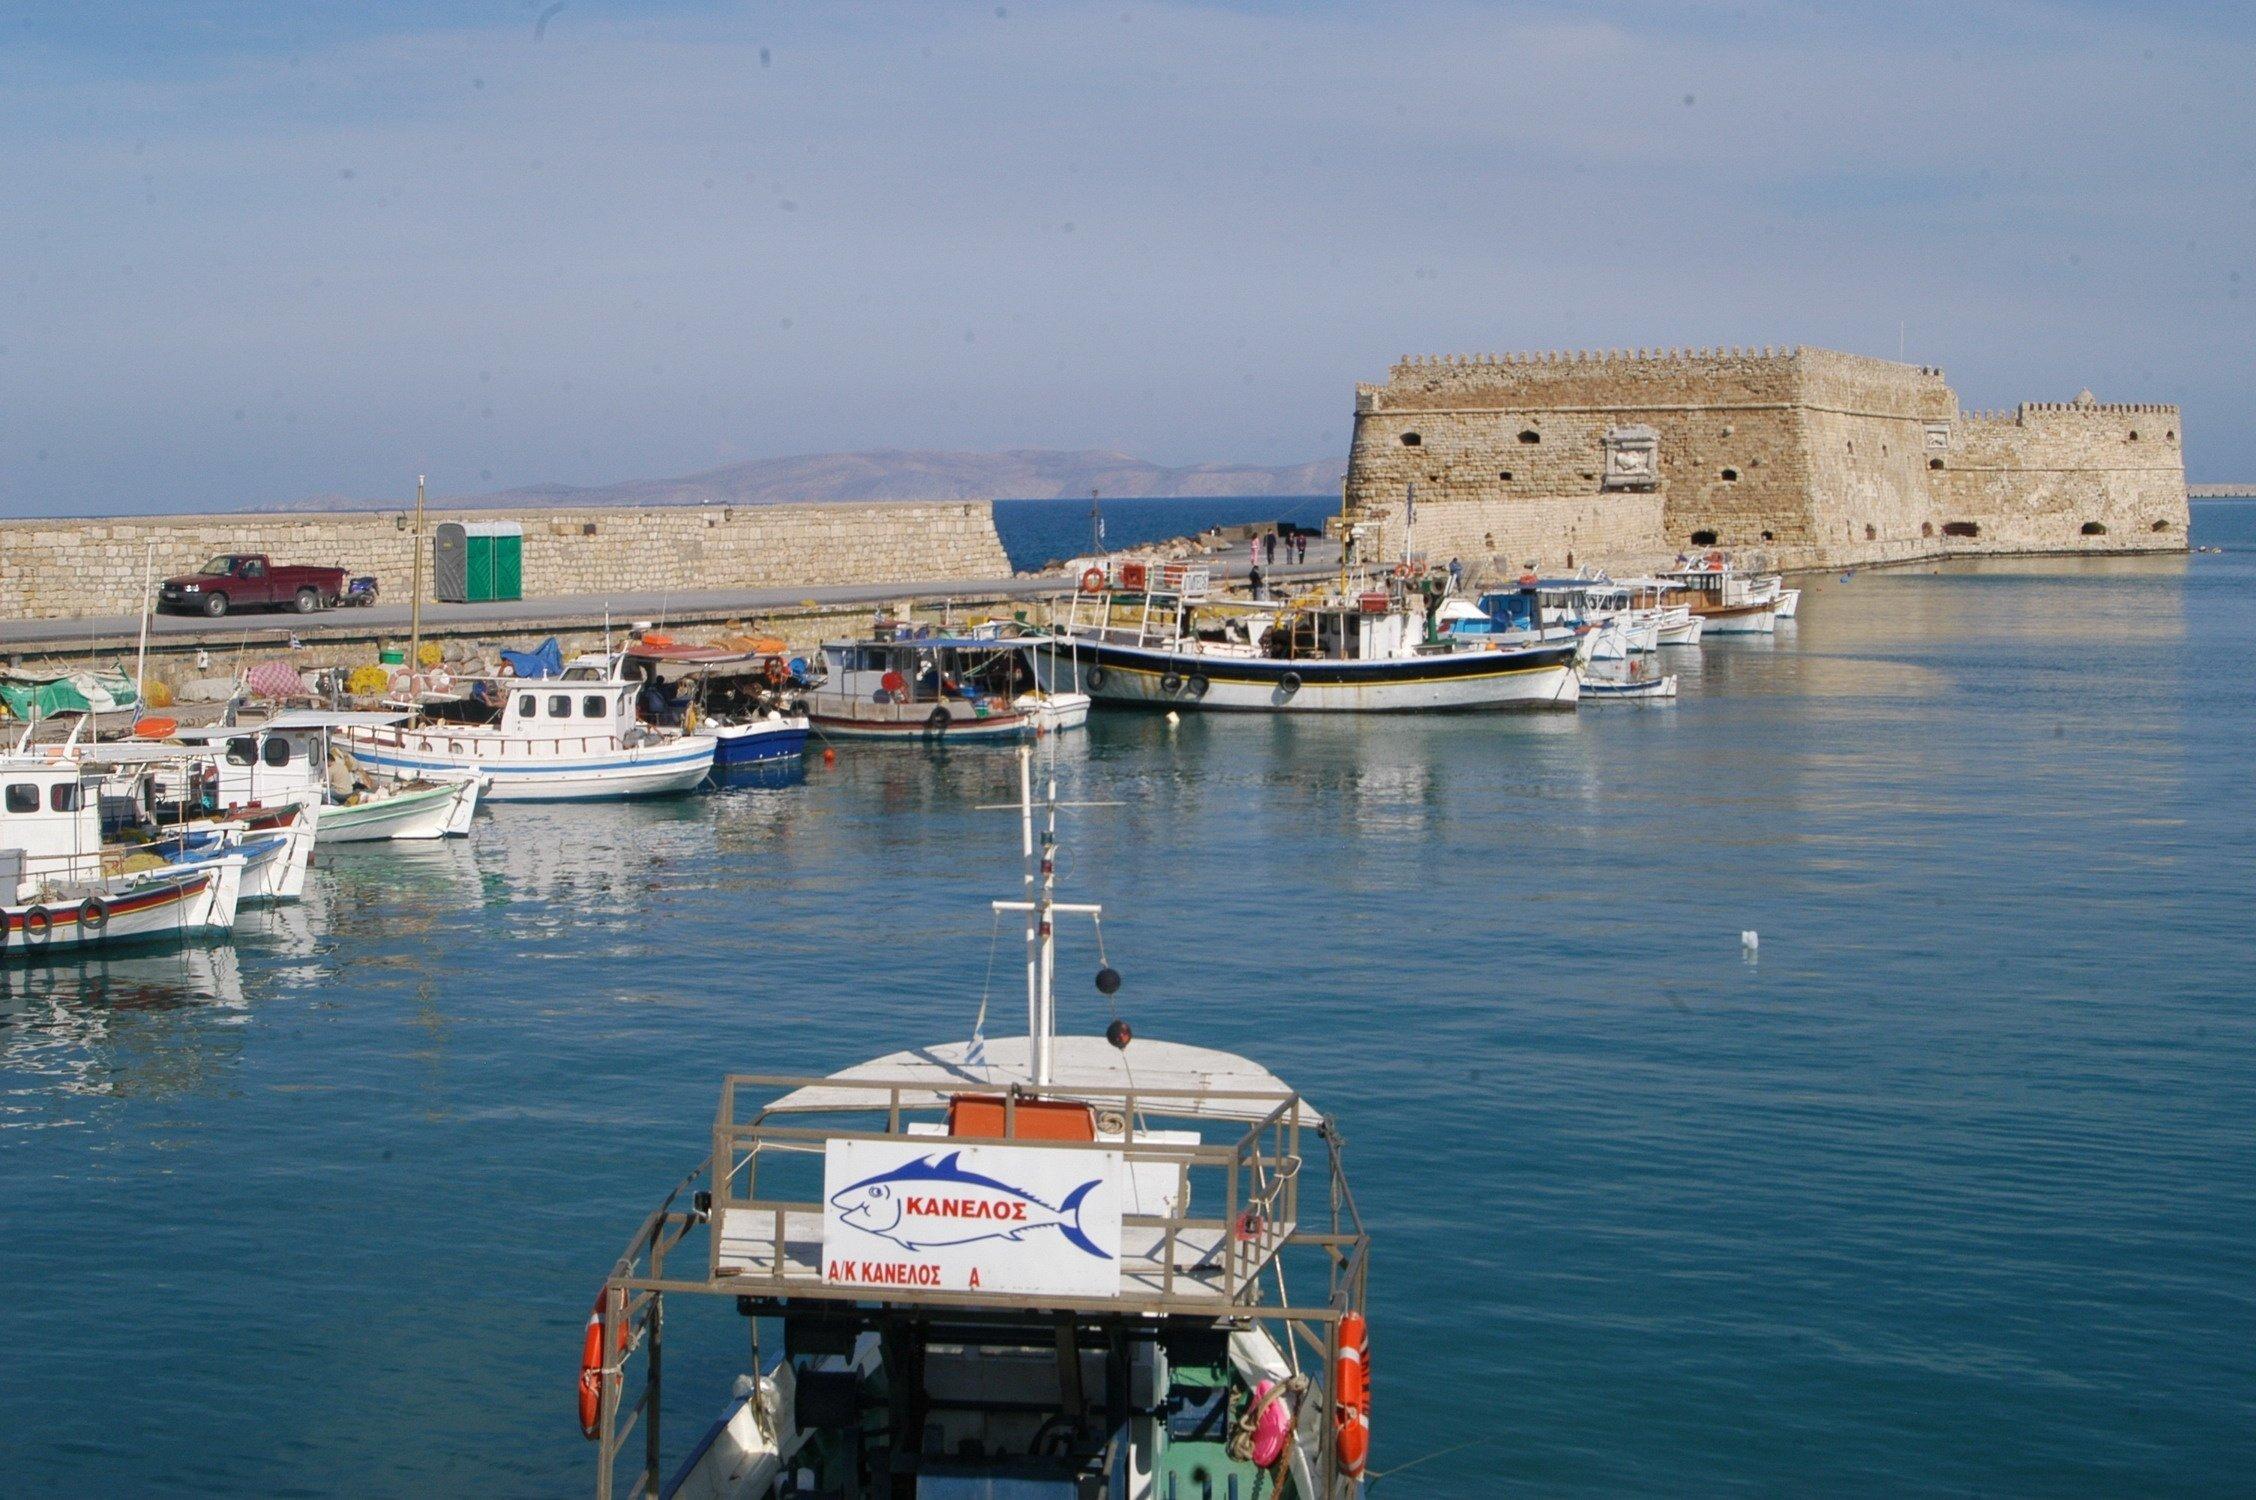 Στο λιμάνι του Ηρακλείου προσέκρουσε το «Φαιστός Παλάς» κατά τη διαδικασία απόπλου